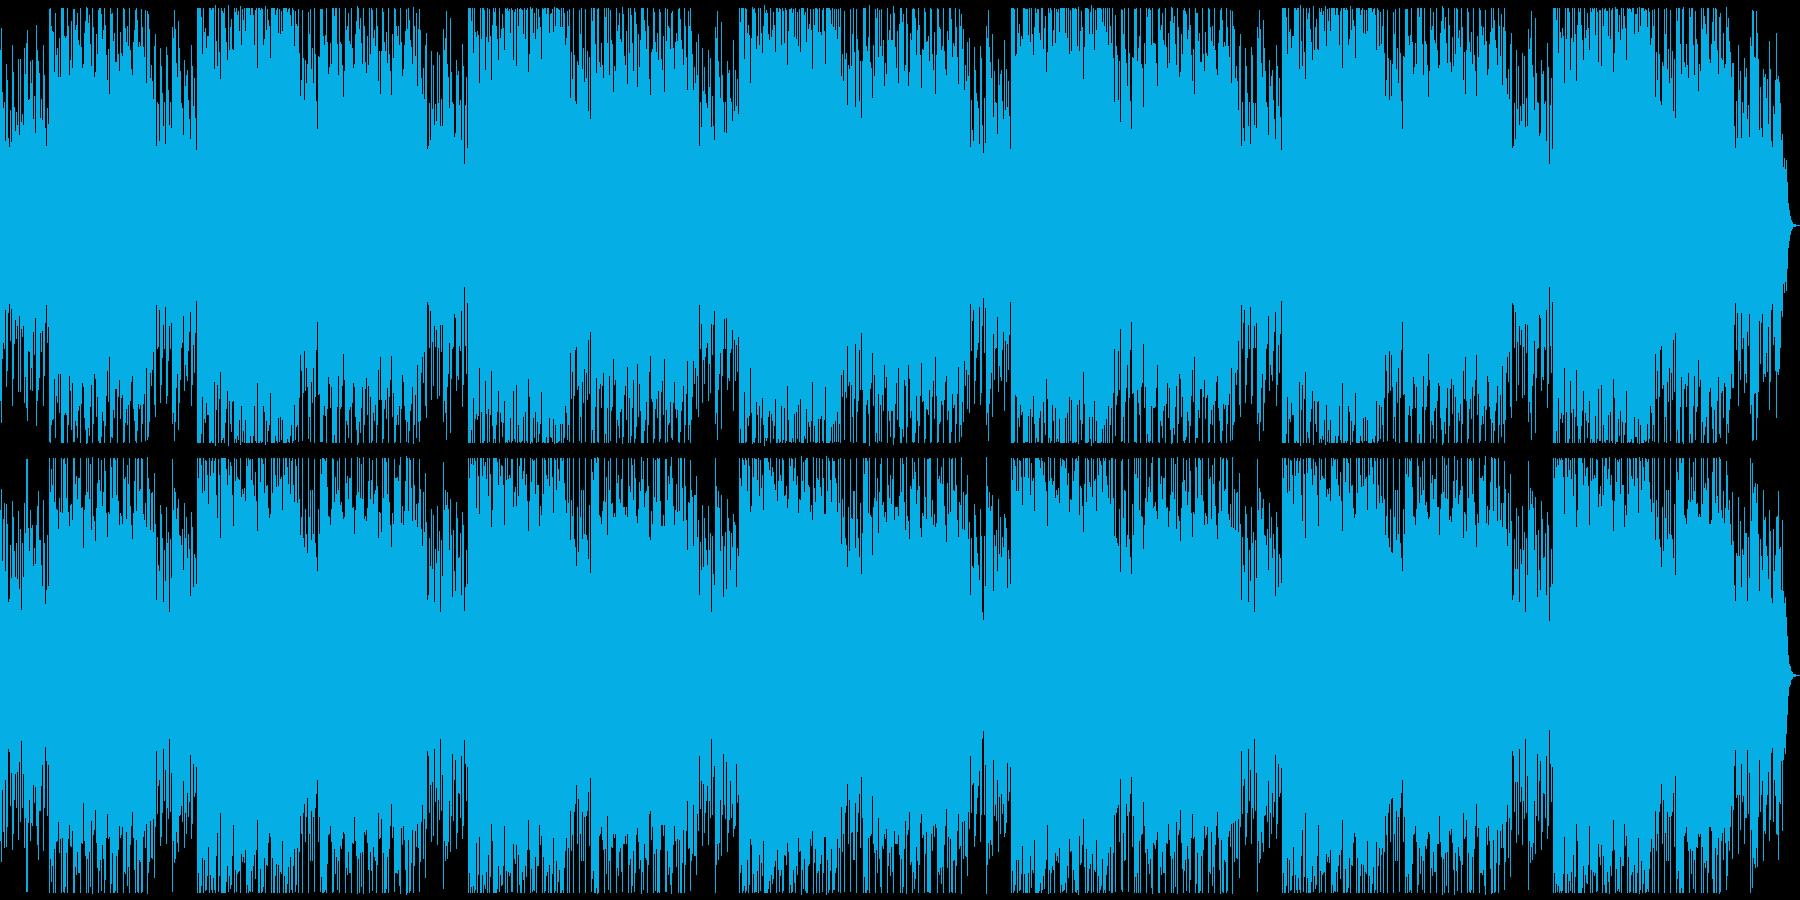 ニュース報道、サイバー、不安、10分の再生済みの波形